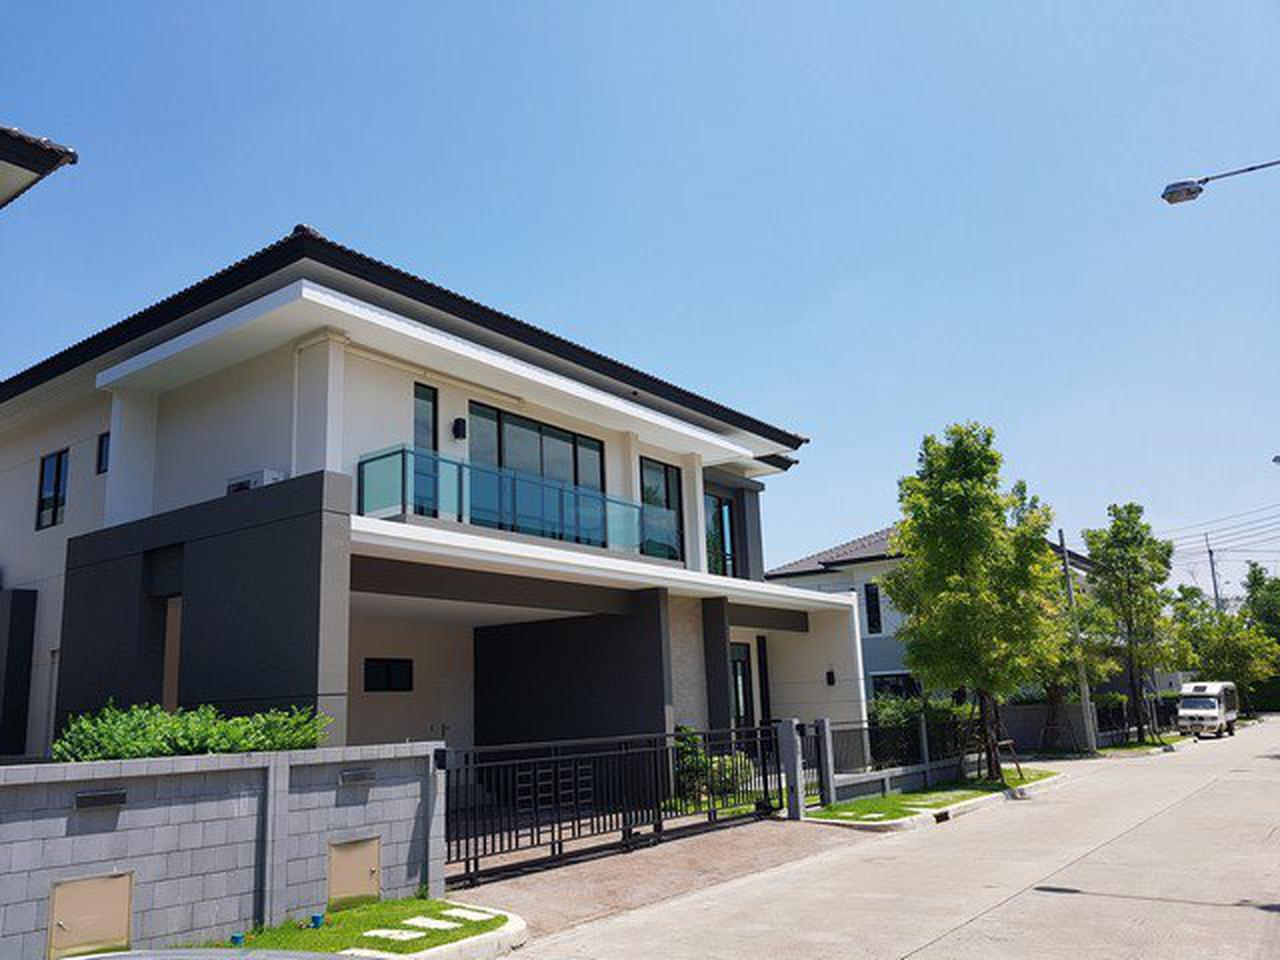 ขายบ้านเดี่ยวThe City Pattanakarn 4 นอน  3 จอด รูปที่ 6